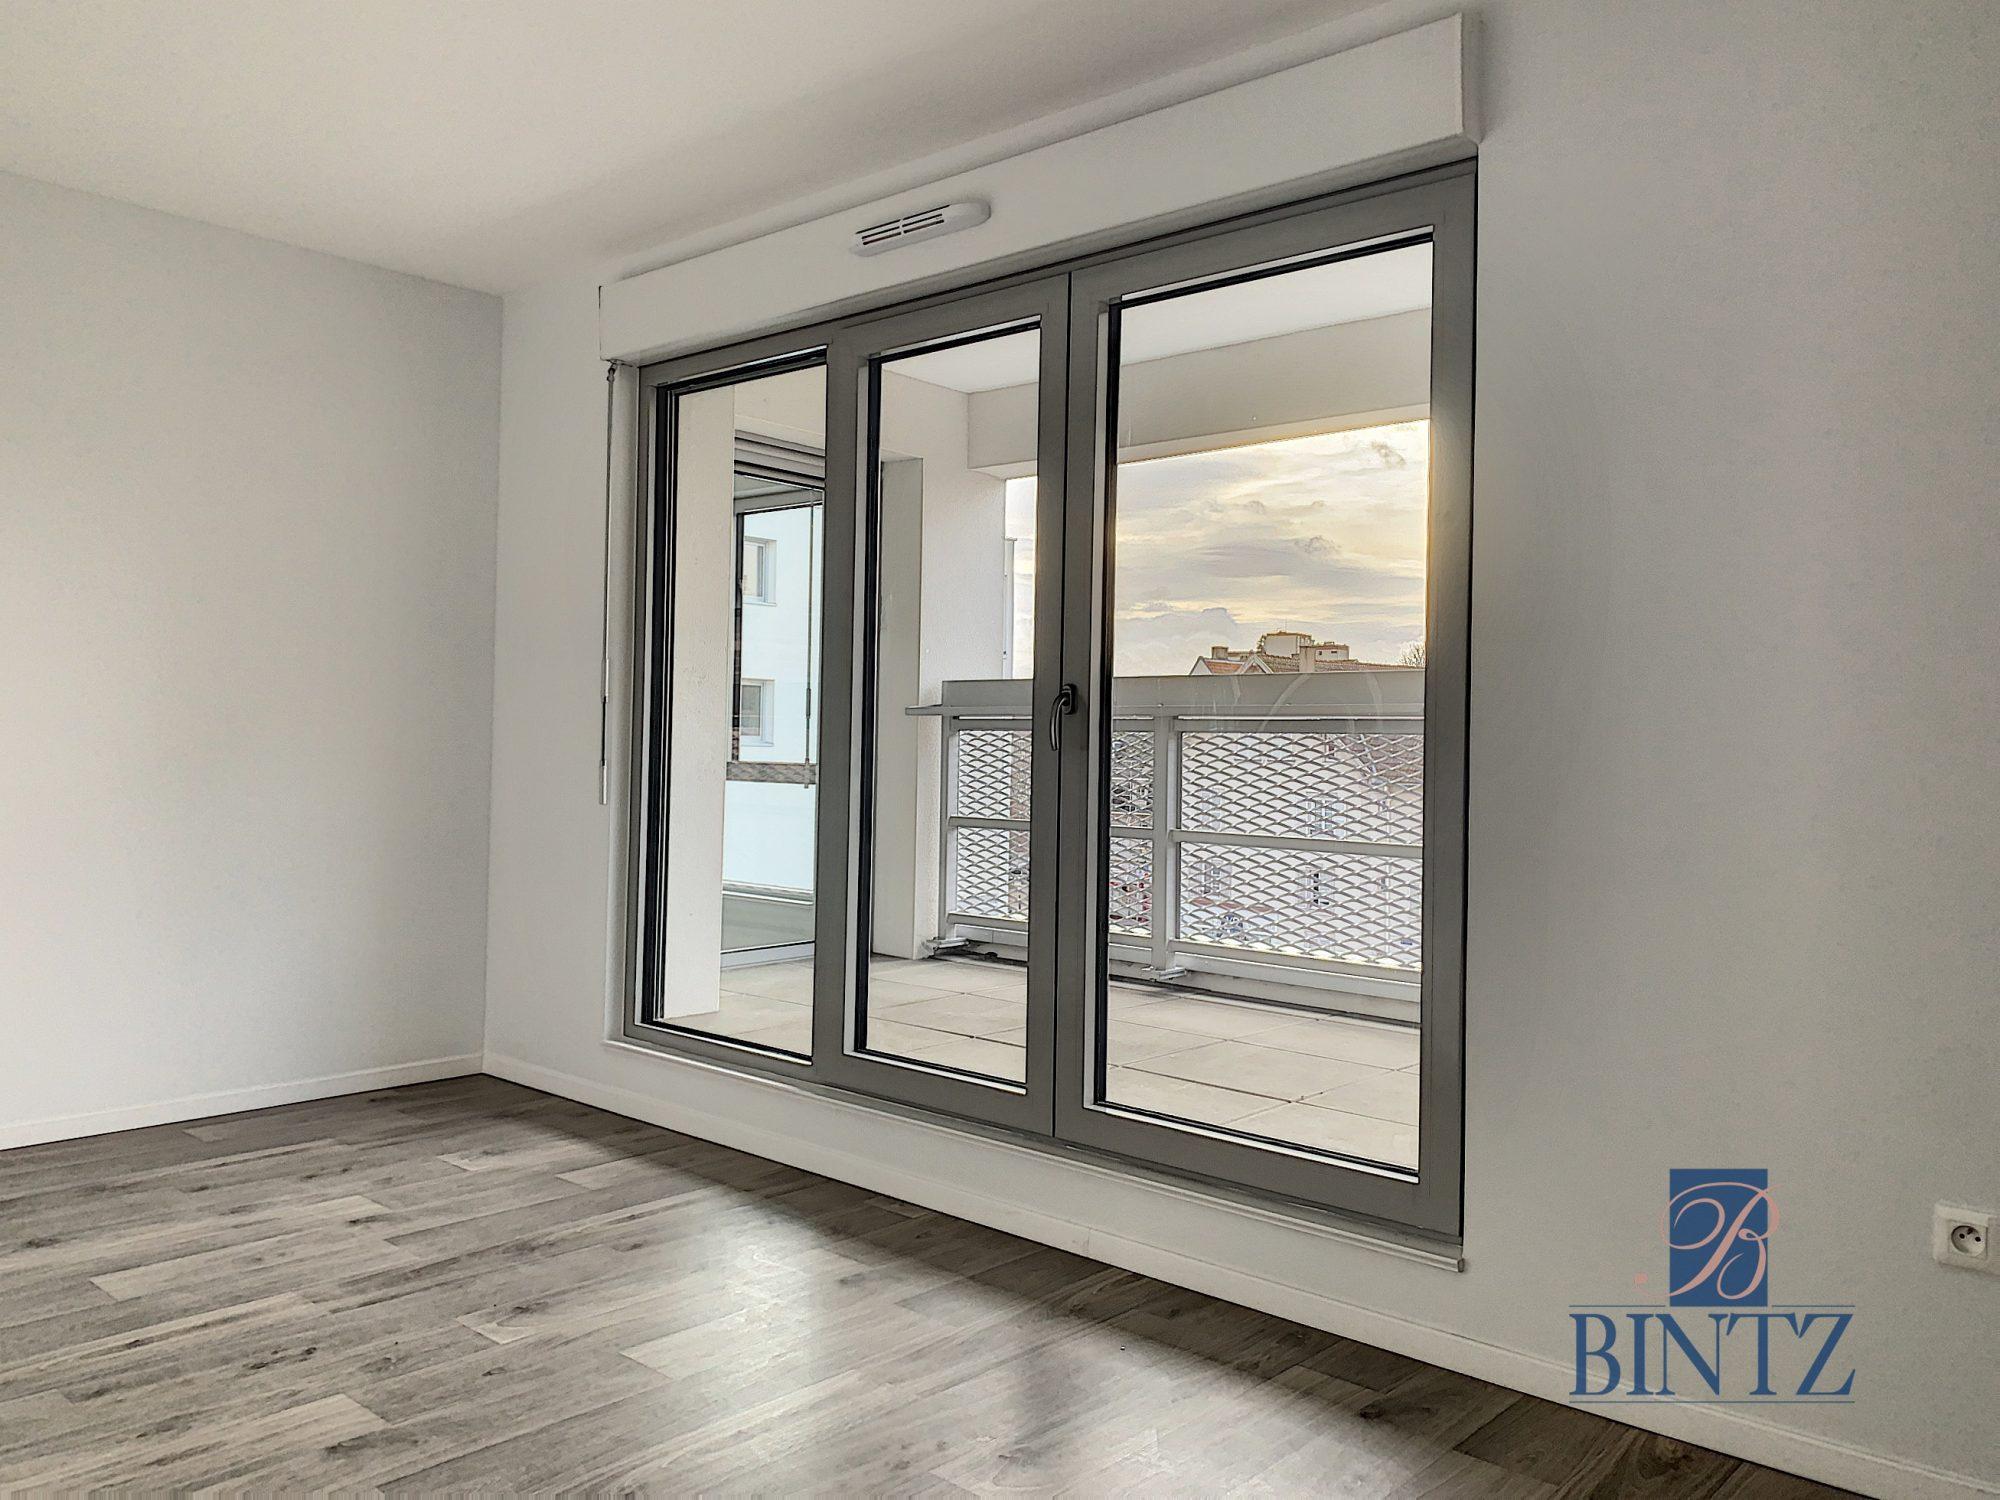 3 Pièces NEUF Quartier des brasseurs - Devenez locataire en toute sérénité - Bintz Immobilier - 8